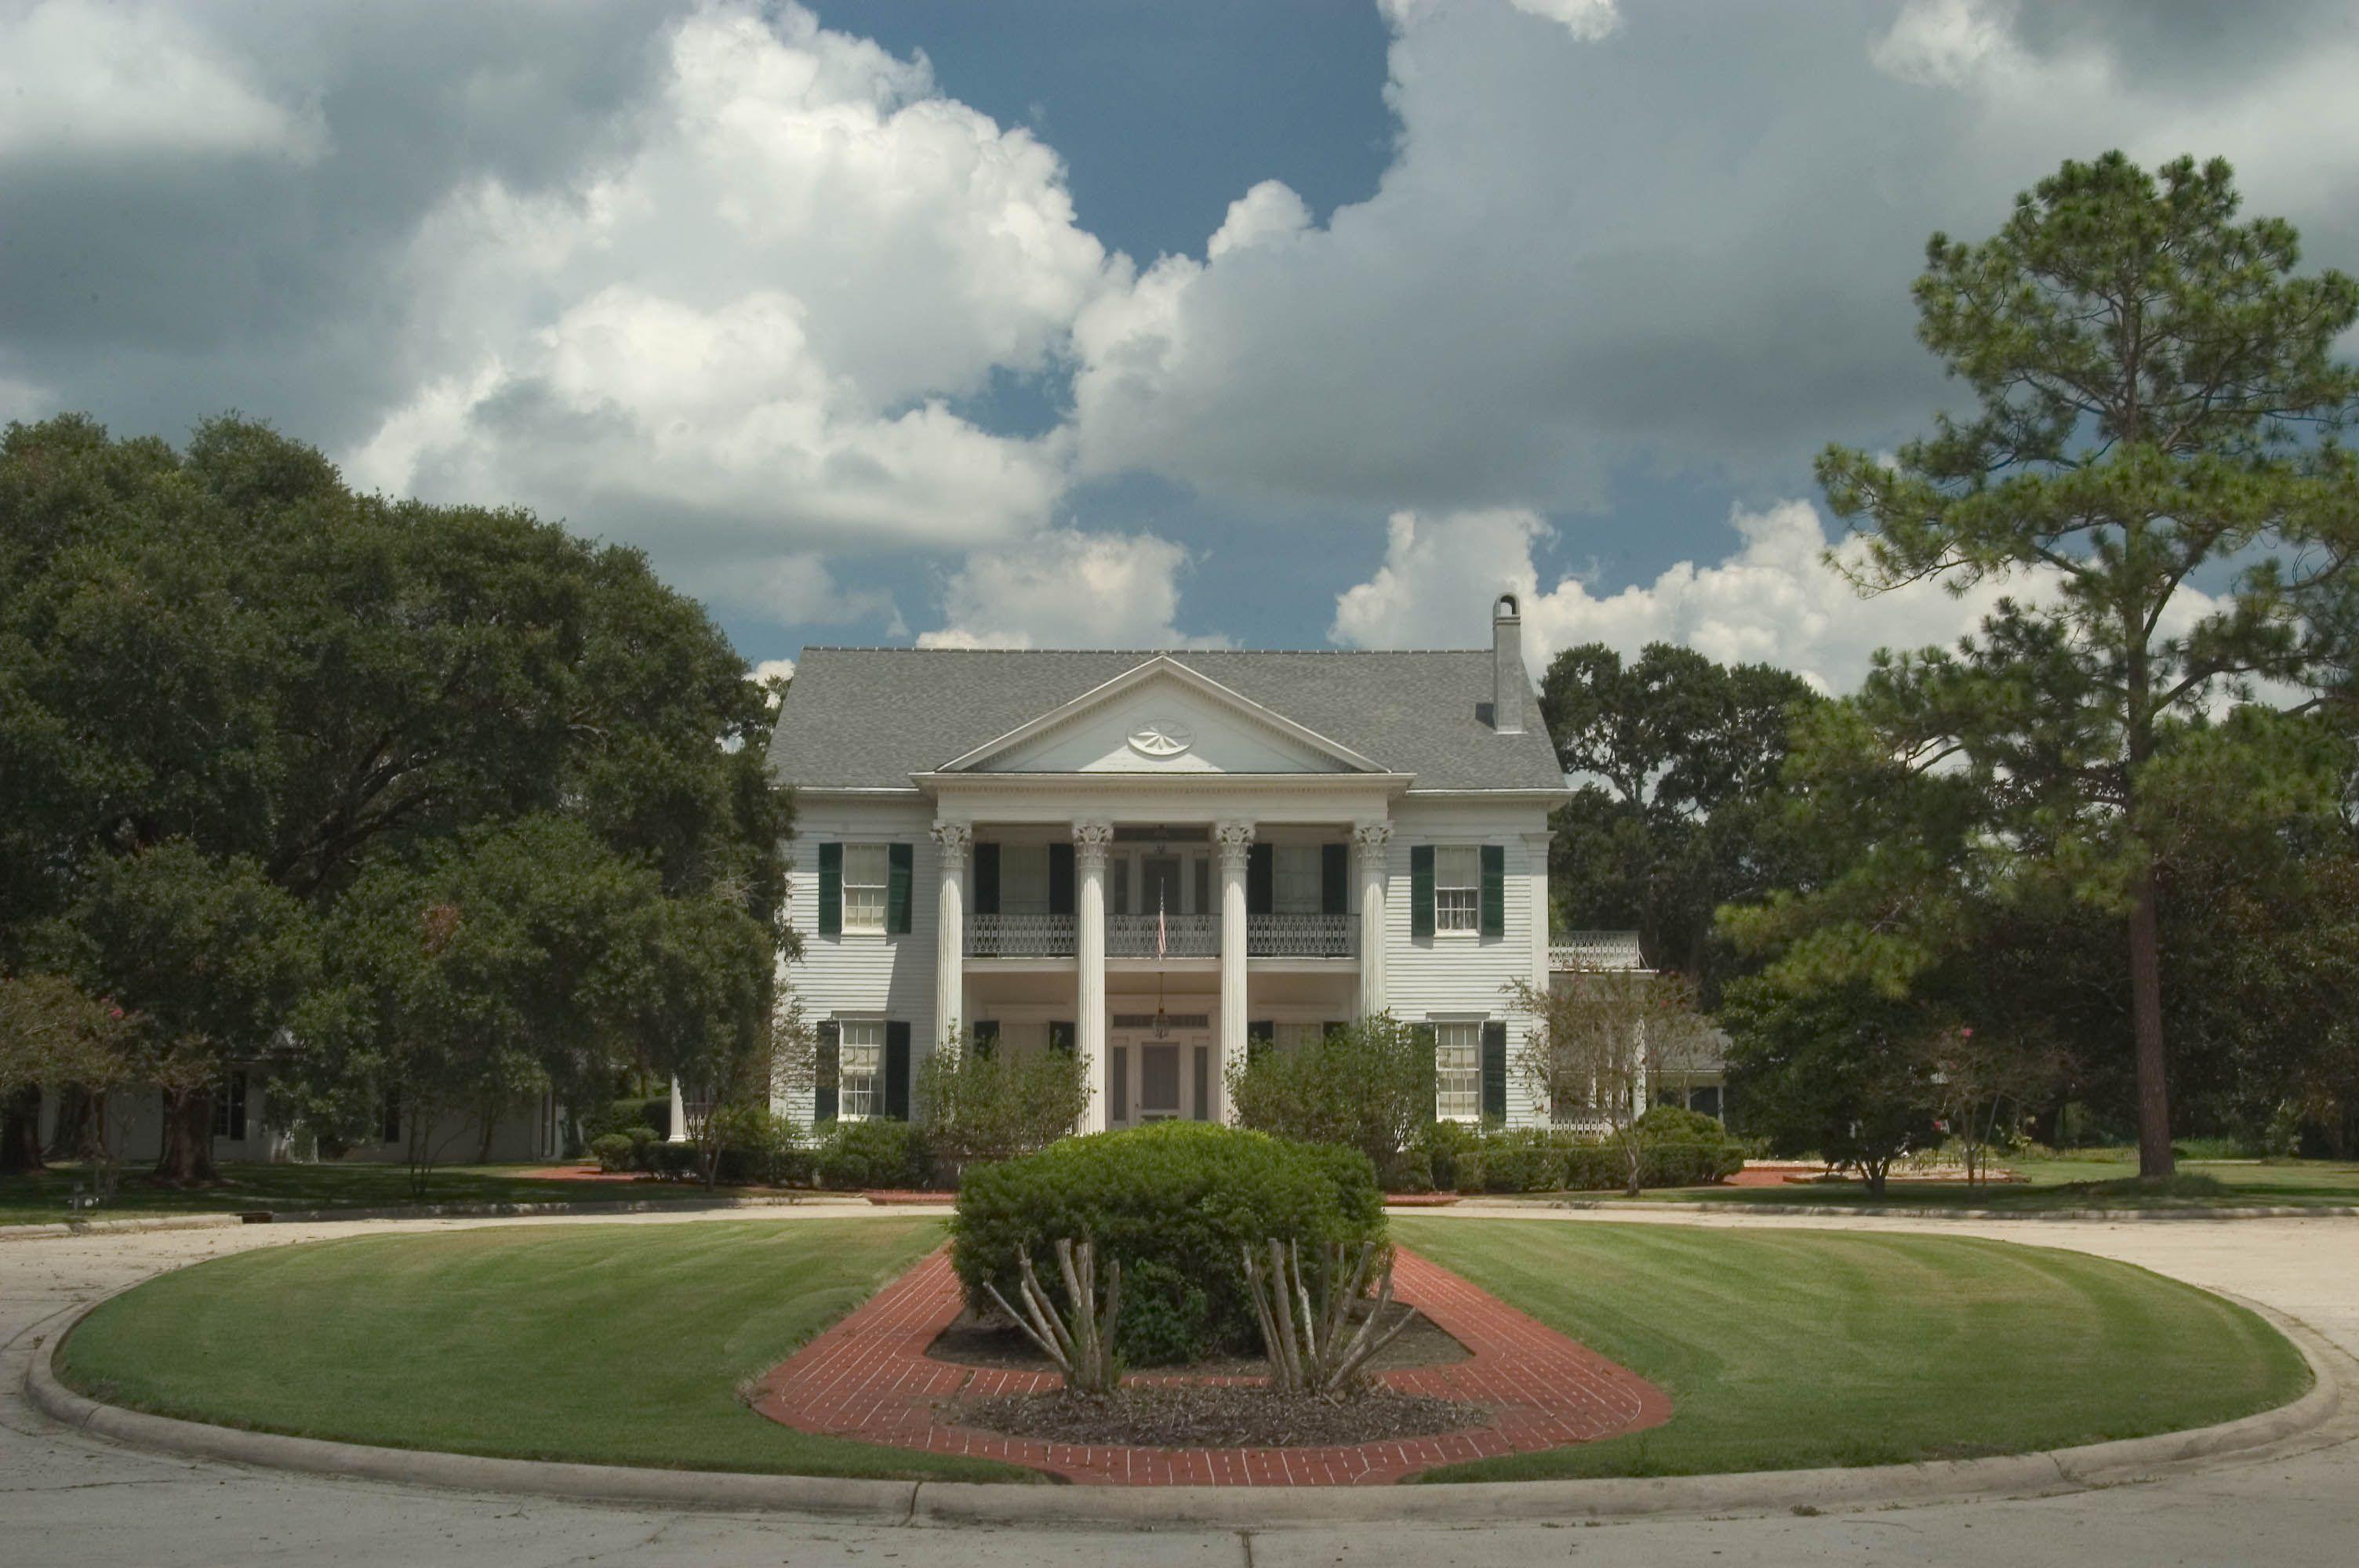 Arlington Plantation The Arlington Plantation House In Washington Louisiana Was Built In